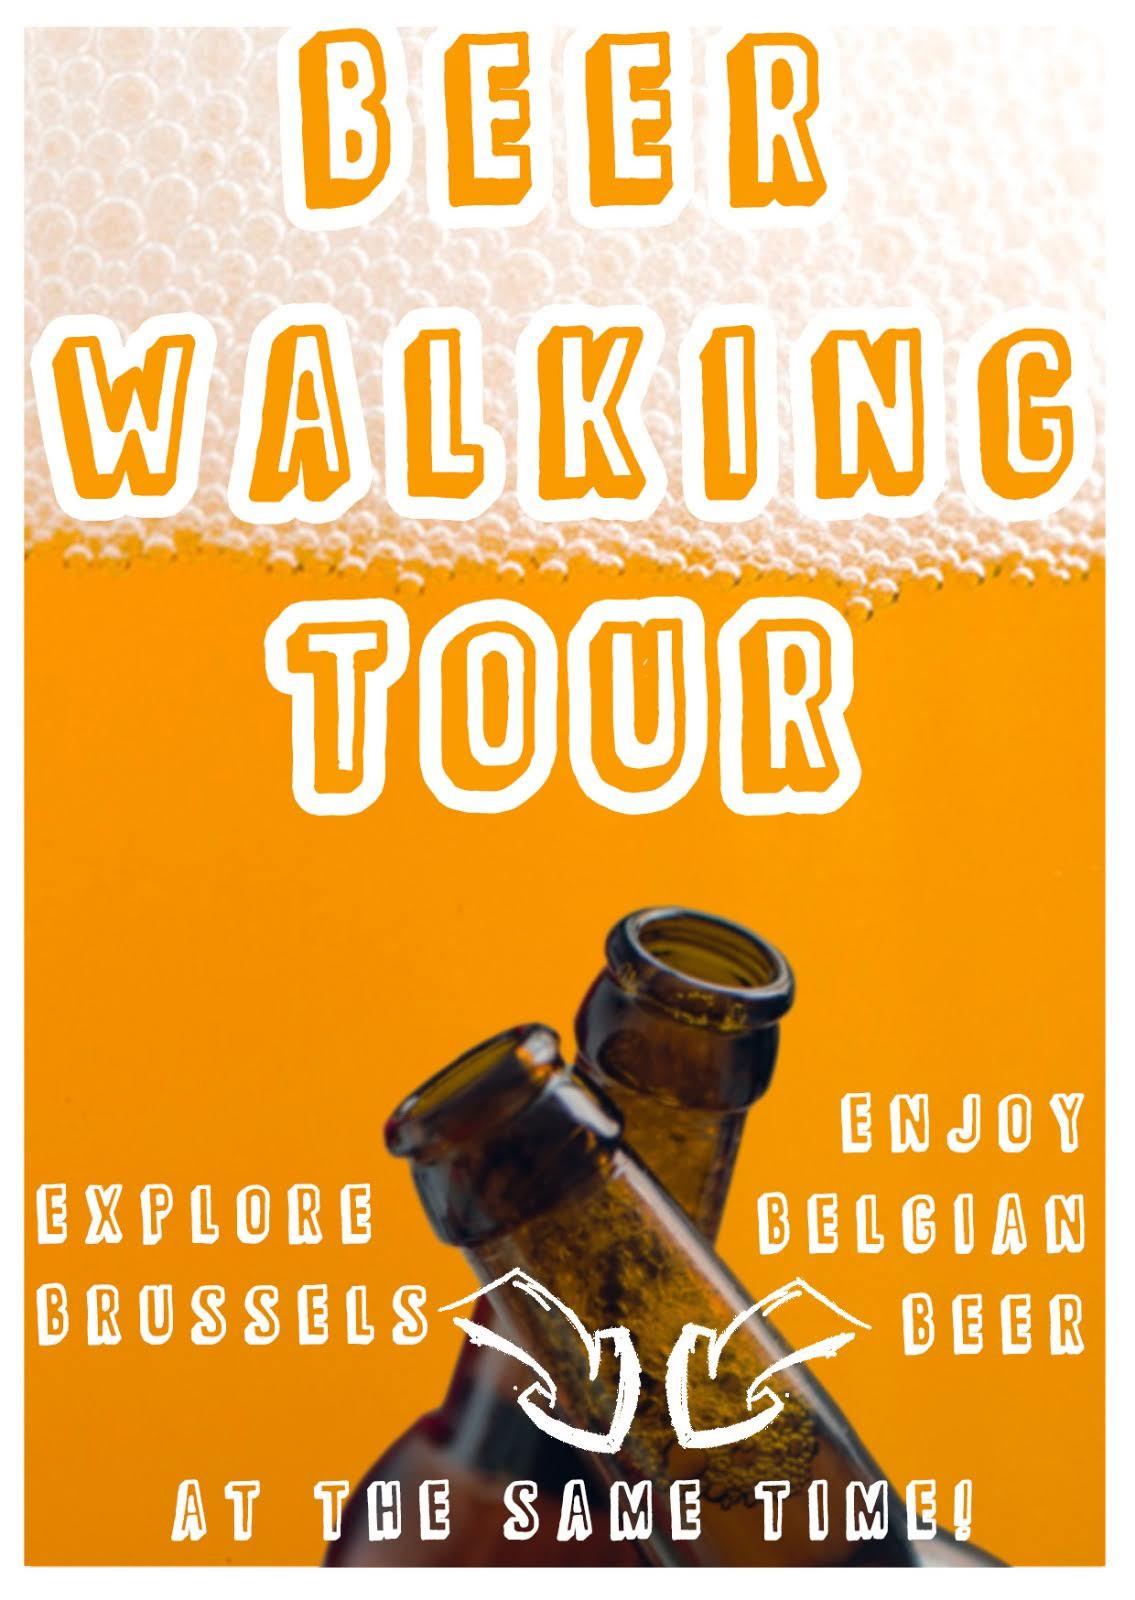 Free Beer Walking Tour